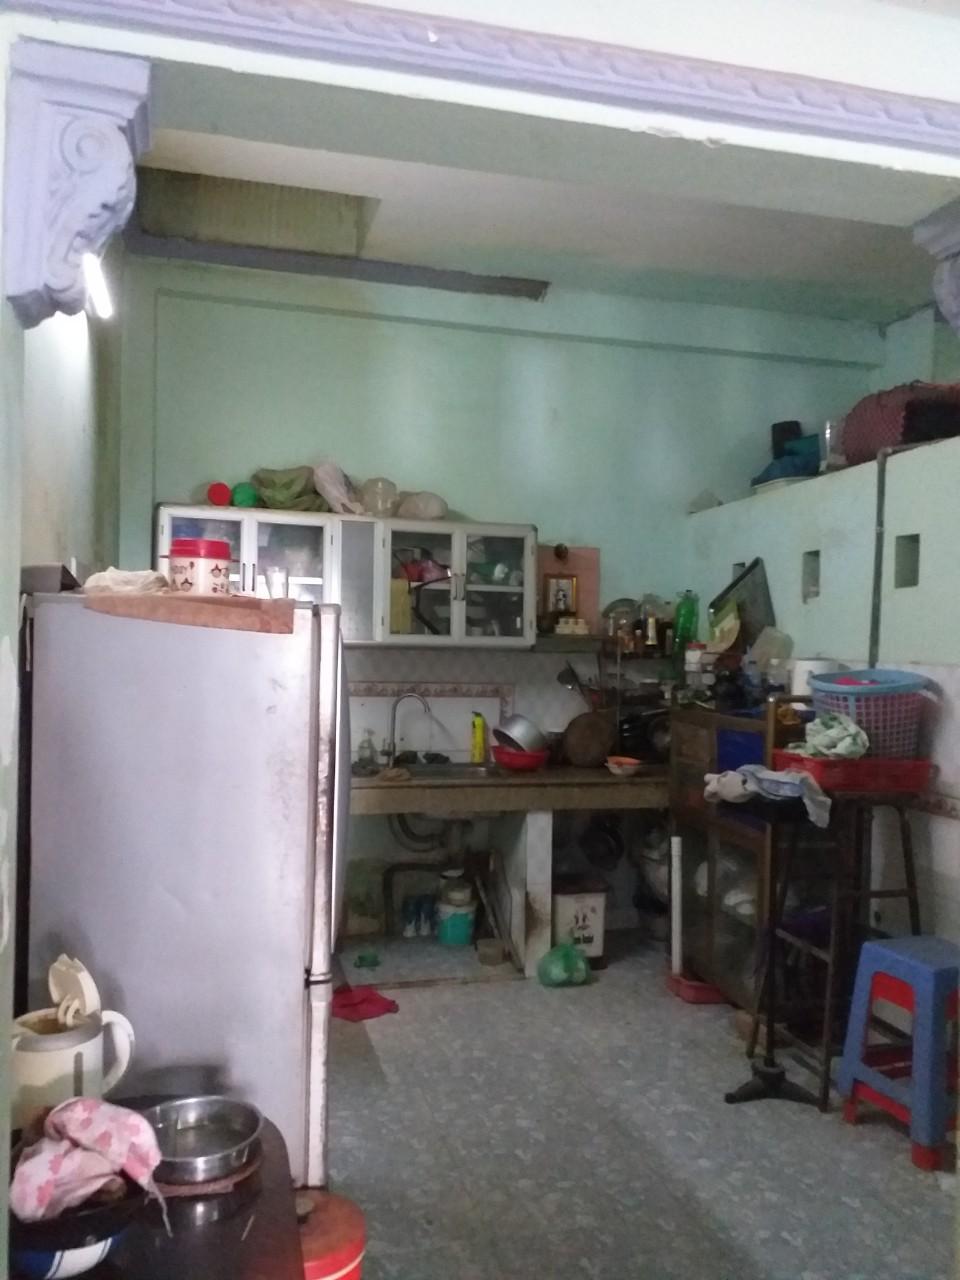 Bán nhà hẻm xe tải đường 41 Phú Định phường 16 Quận 8, giá 2,2 tỷ